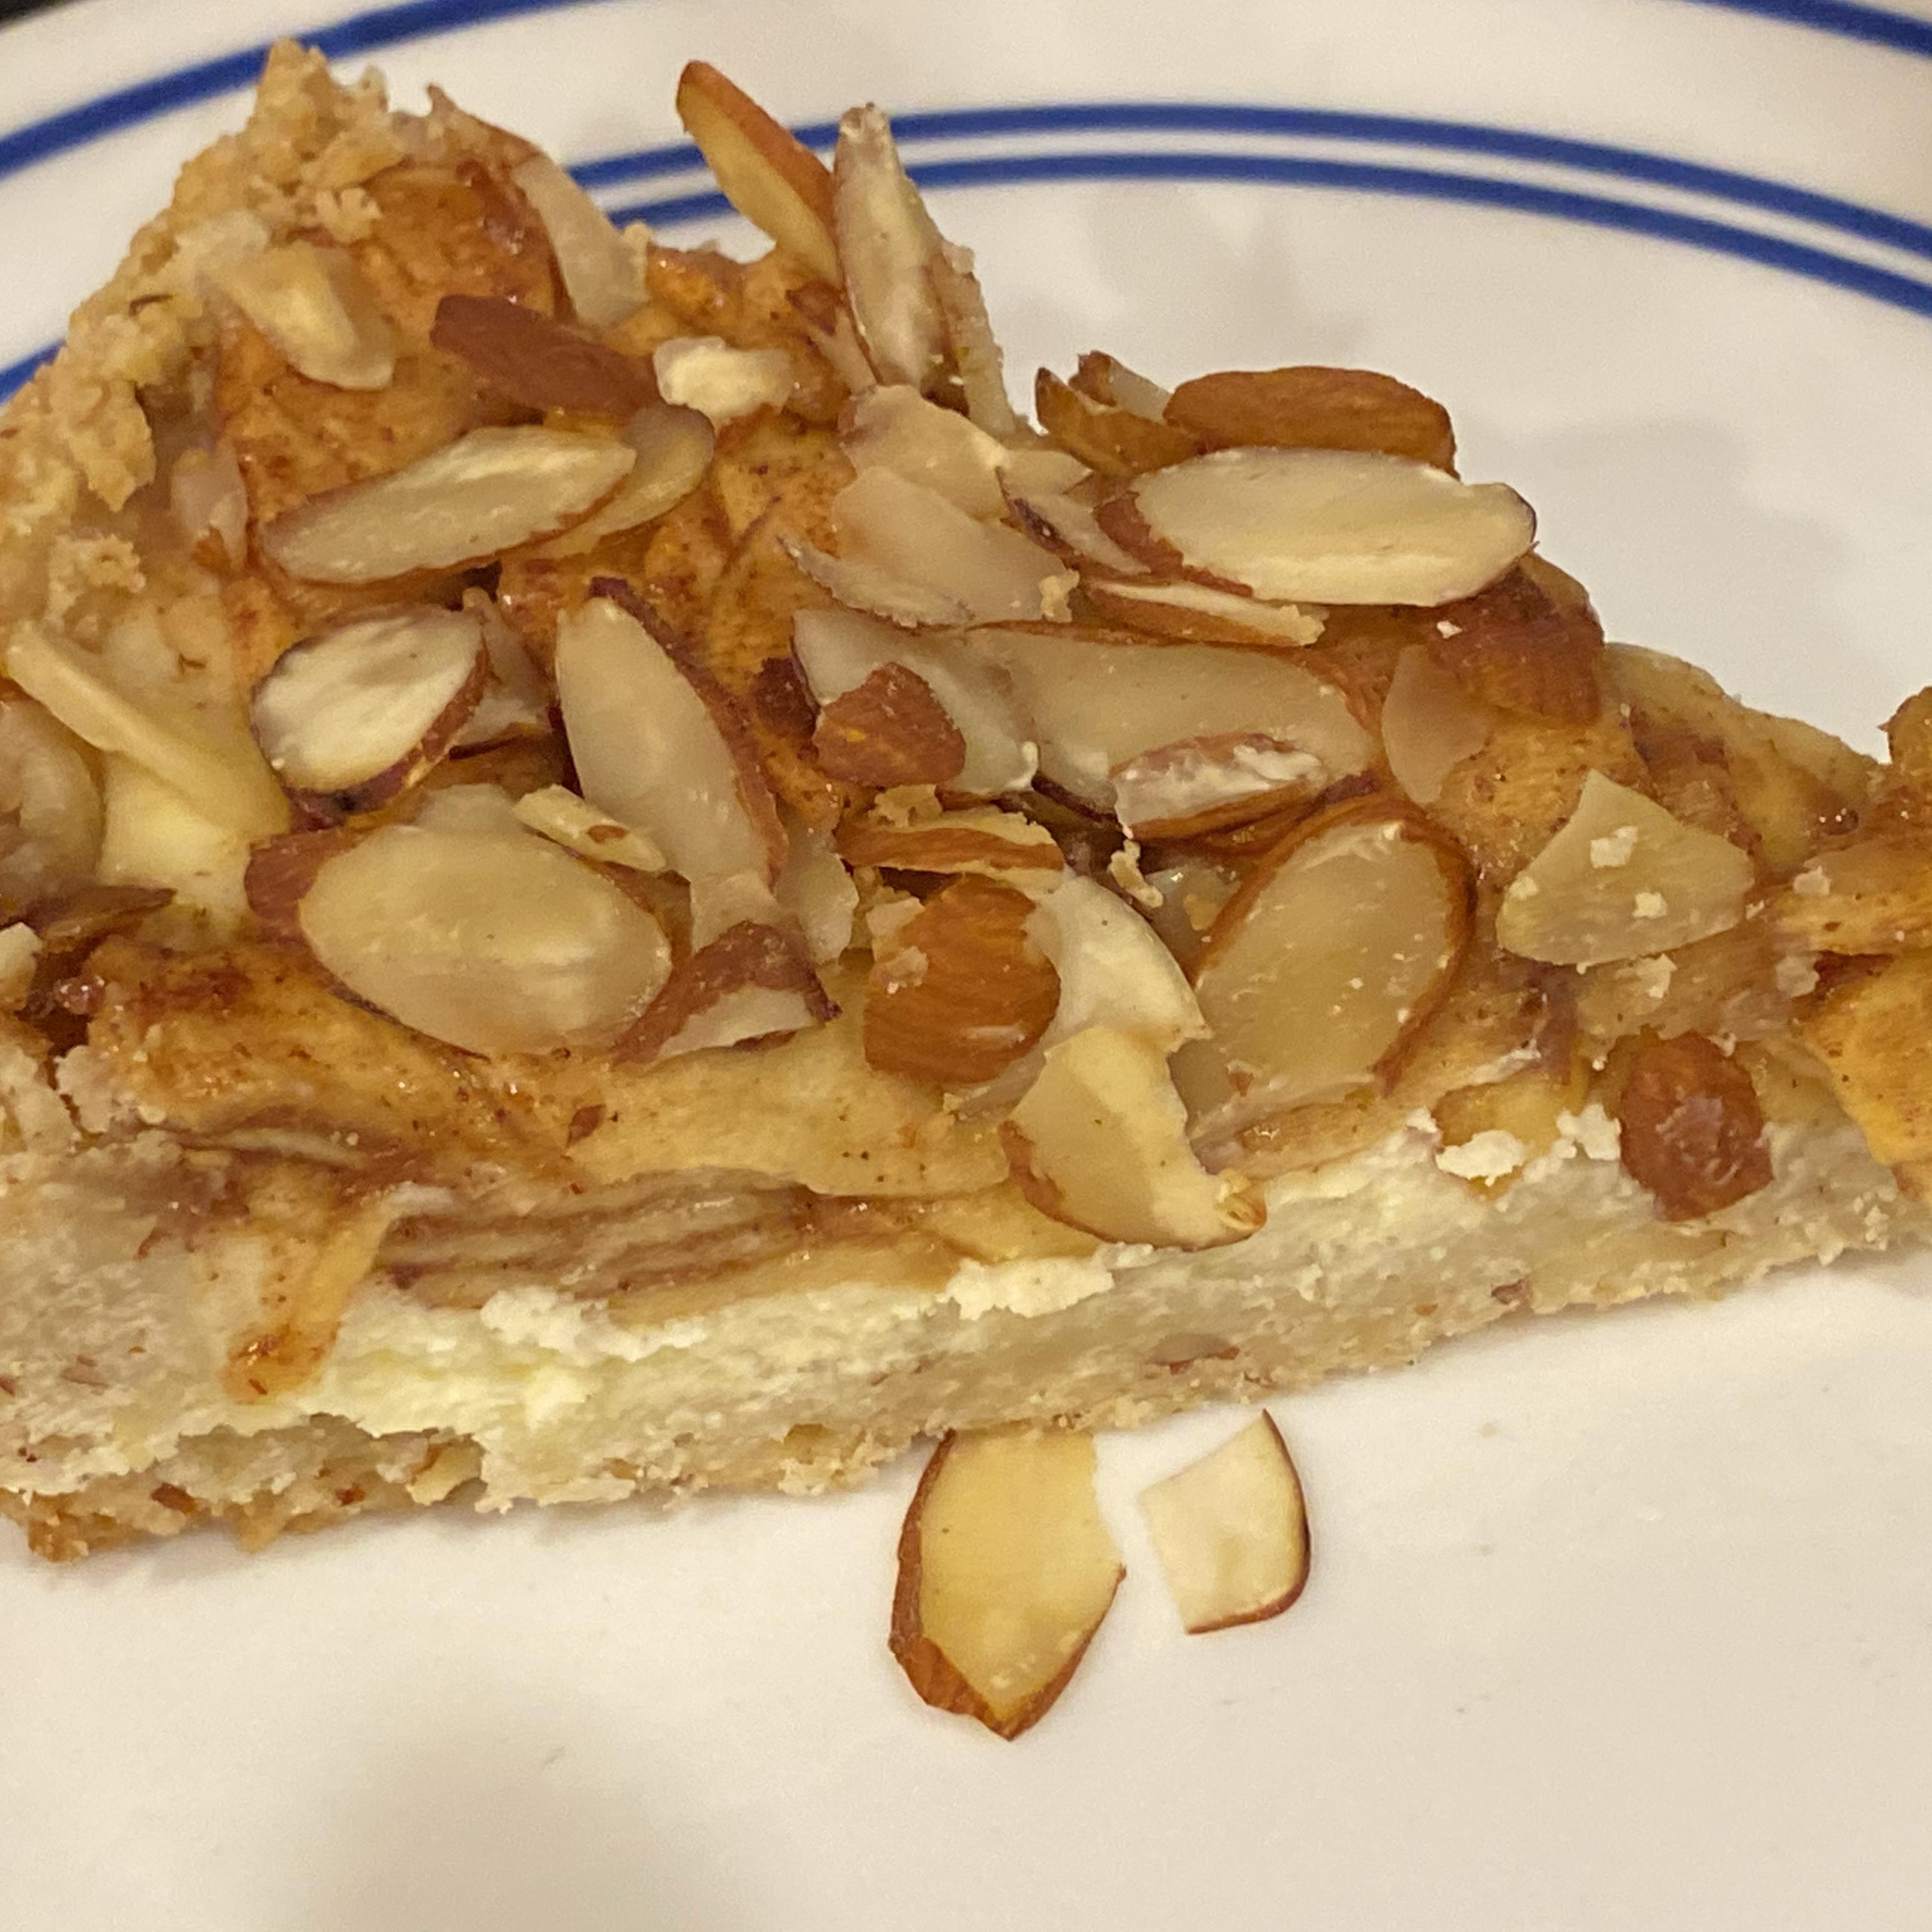 Apple Danish Cheesecake Darlene VanGrunsven Ross